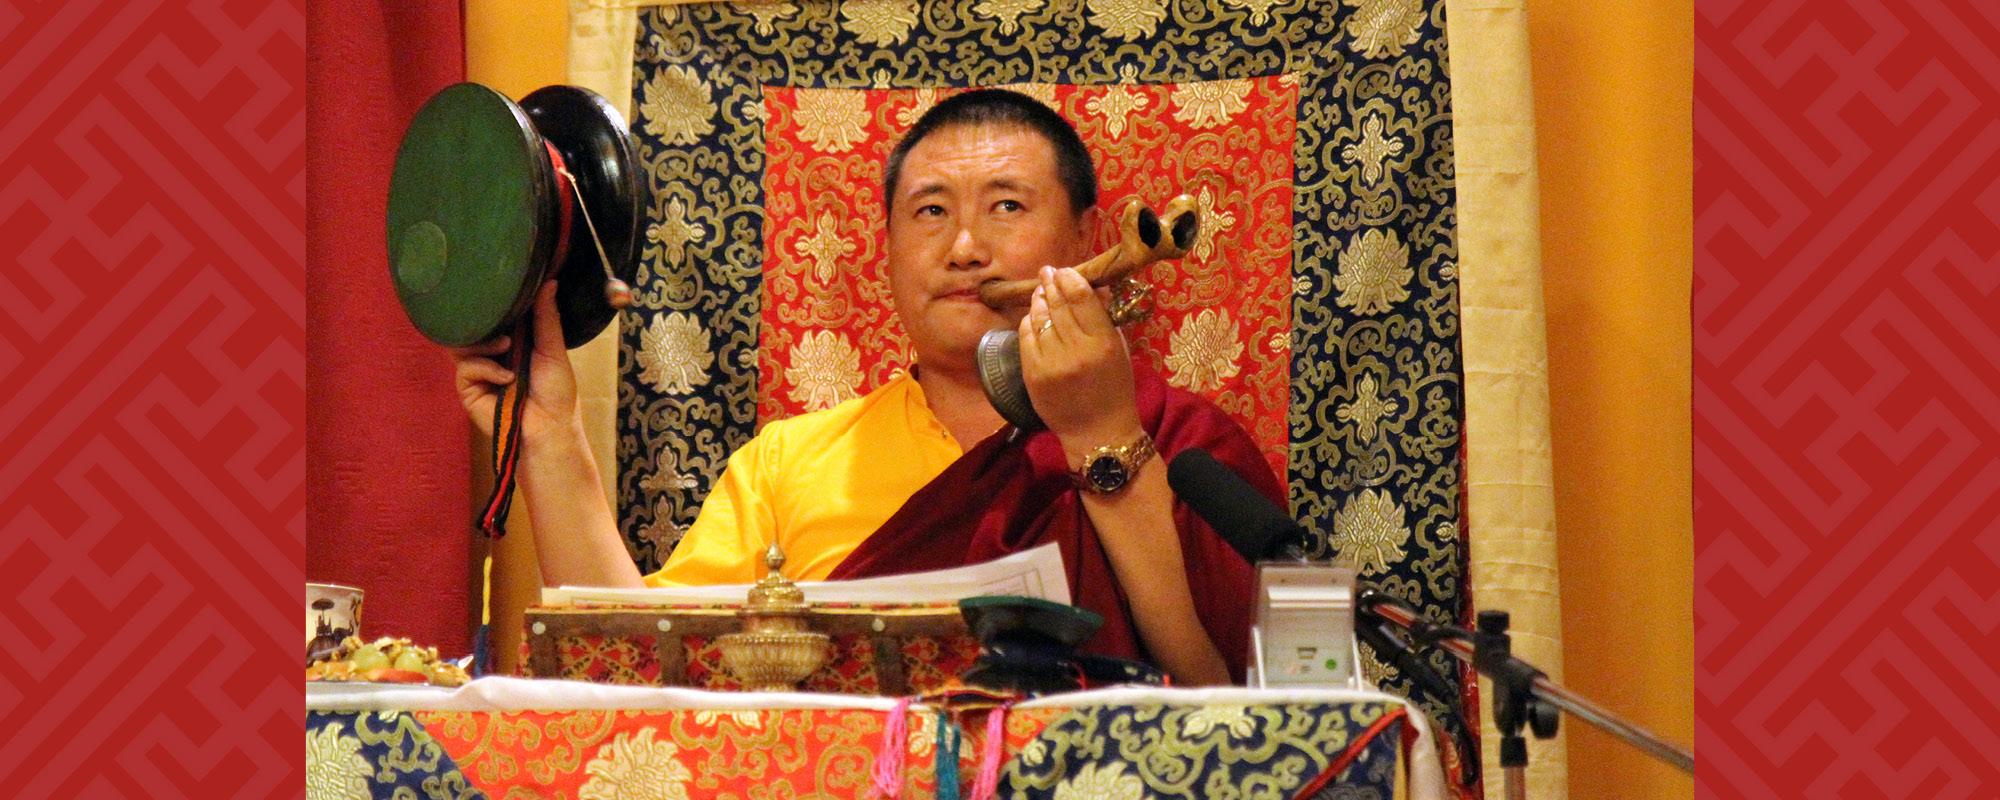 Cültrim Rinpocse Csö-meghatalmazást ad Taron @ Tar - Tara Templom   Tar   Magyarország